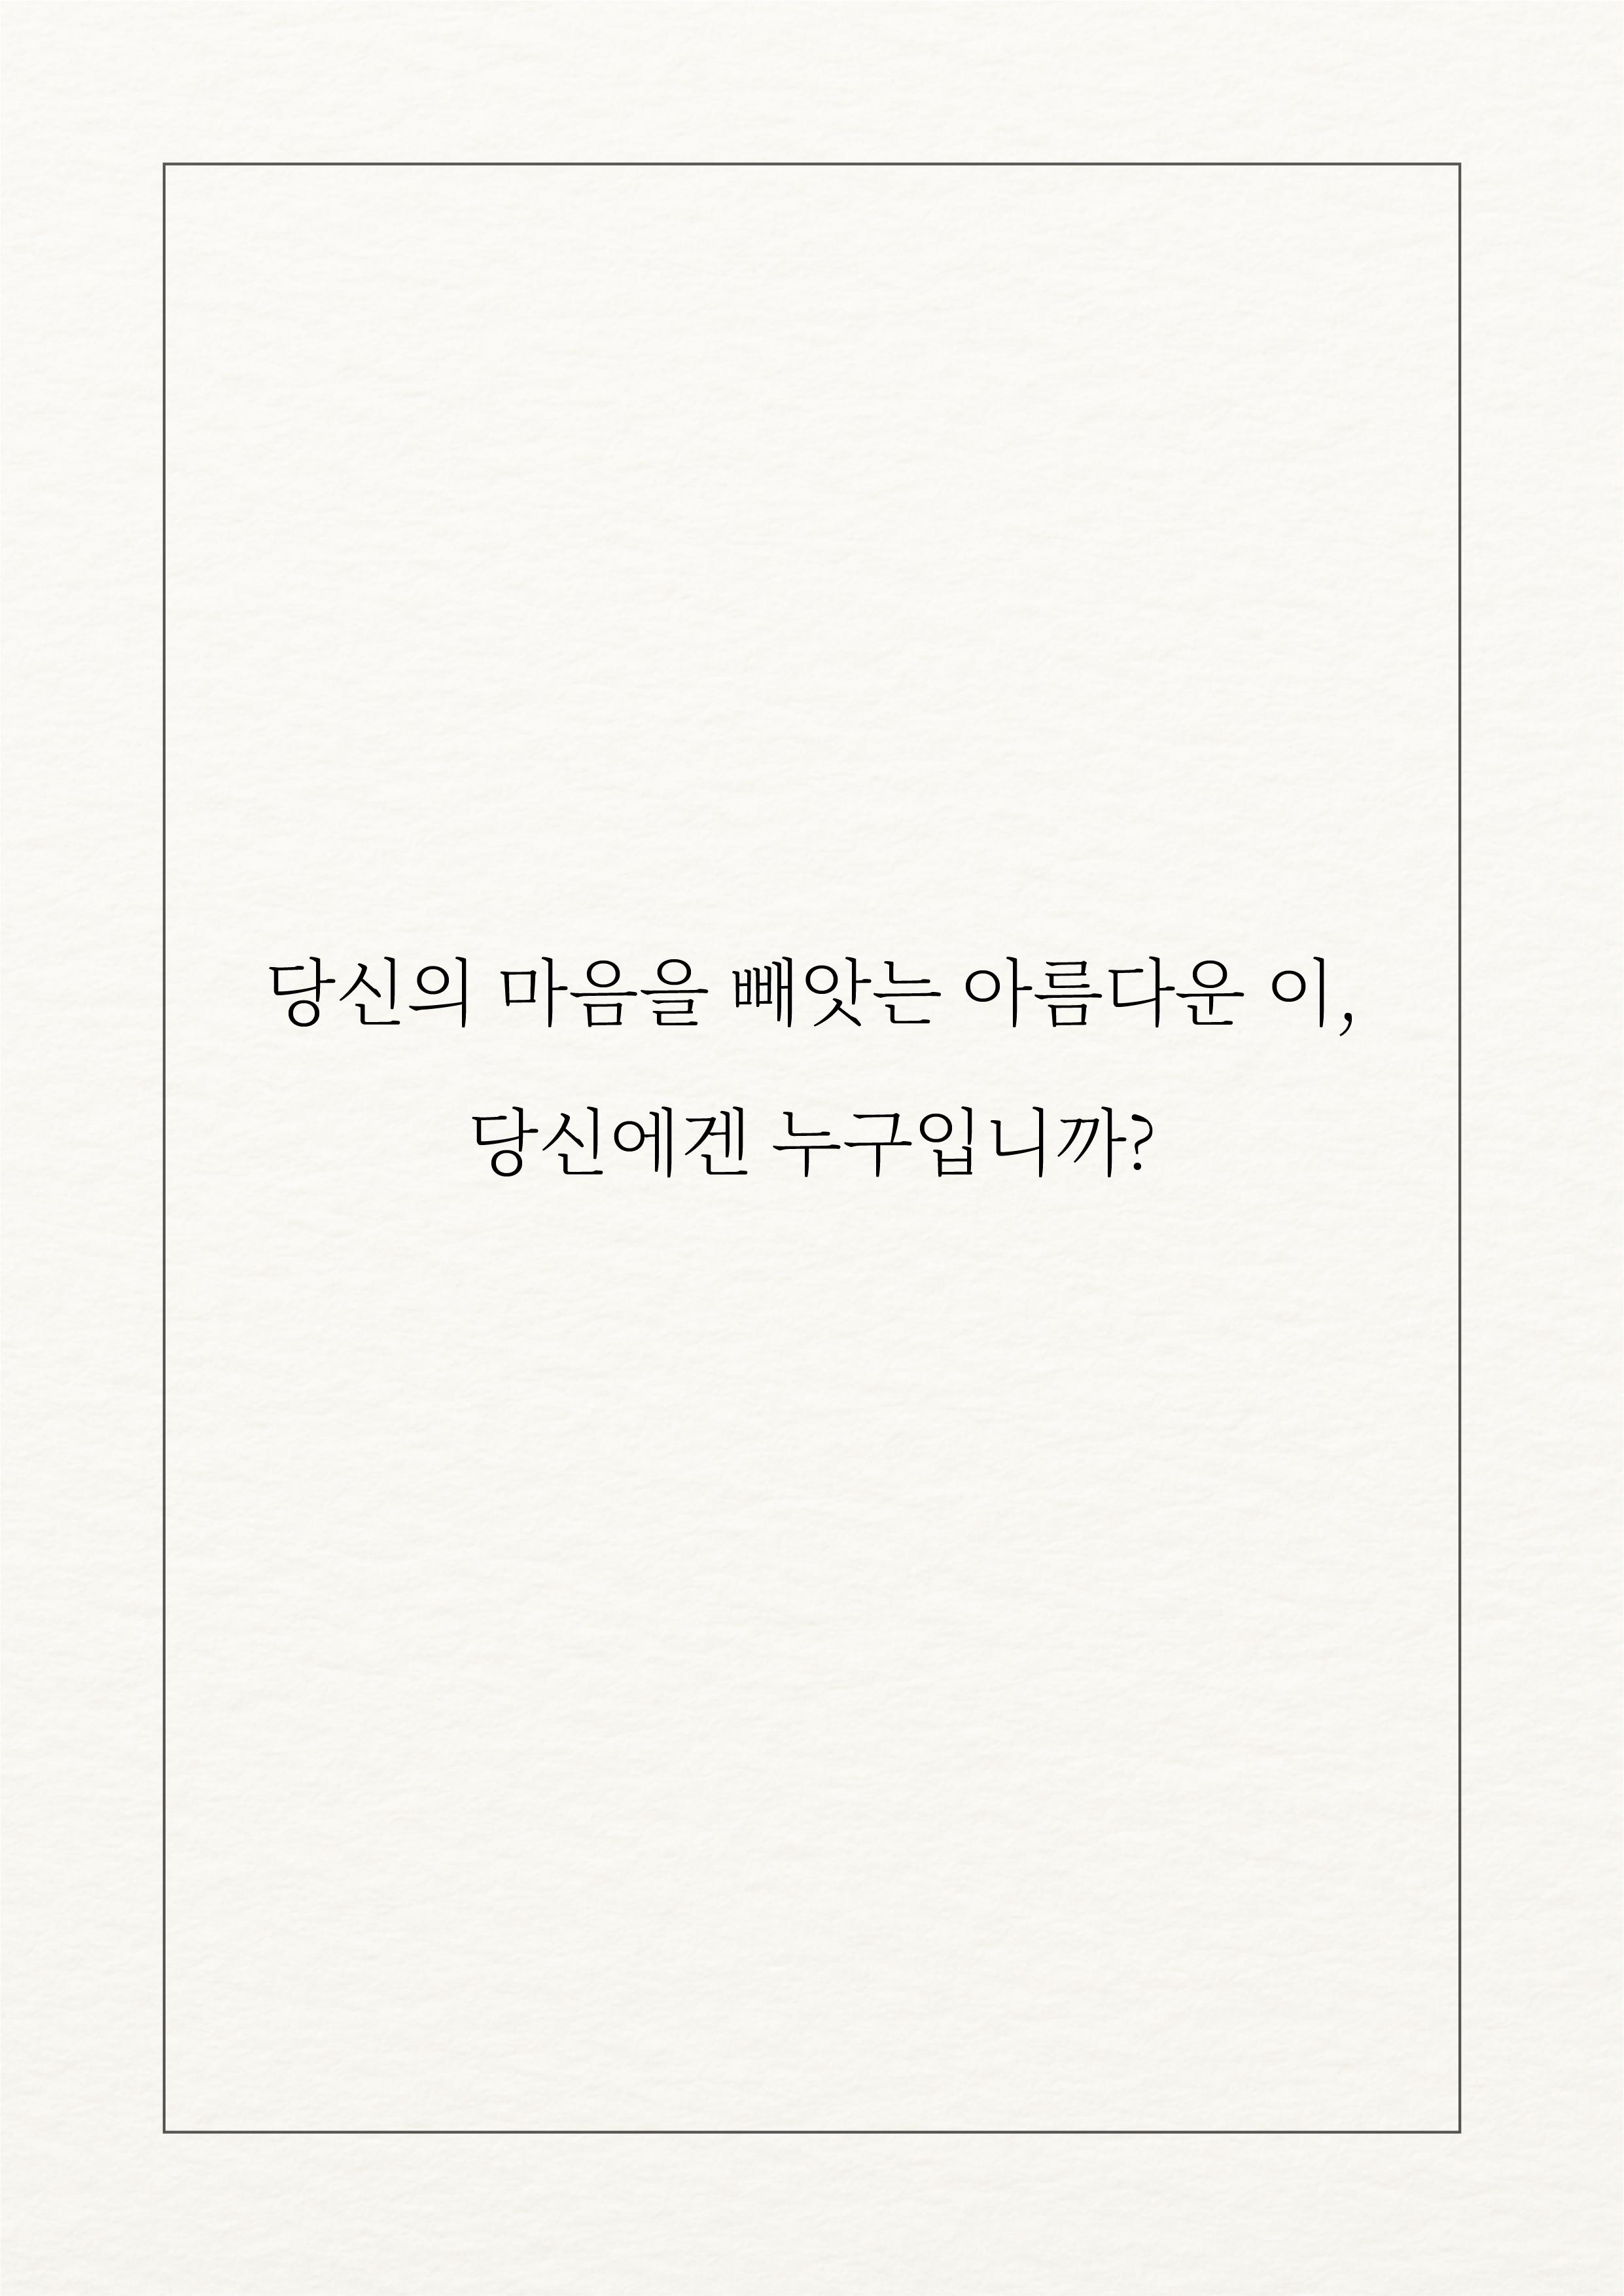 웹책_대지 1